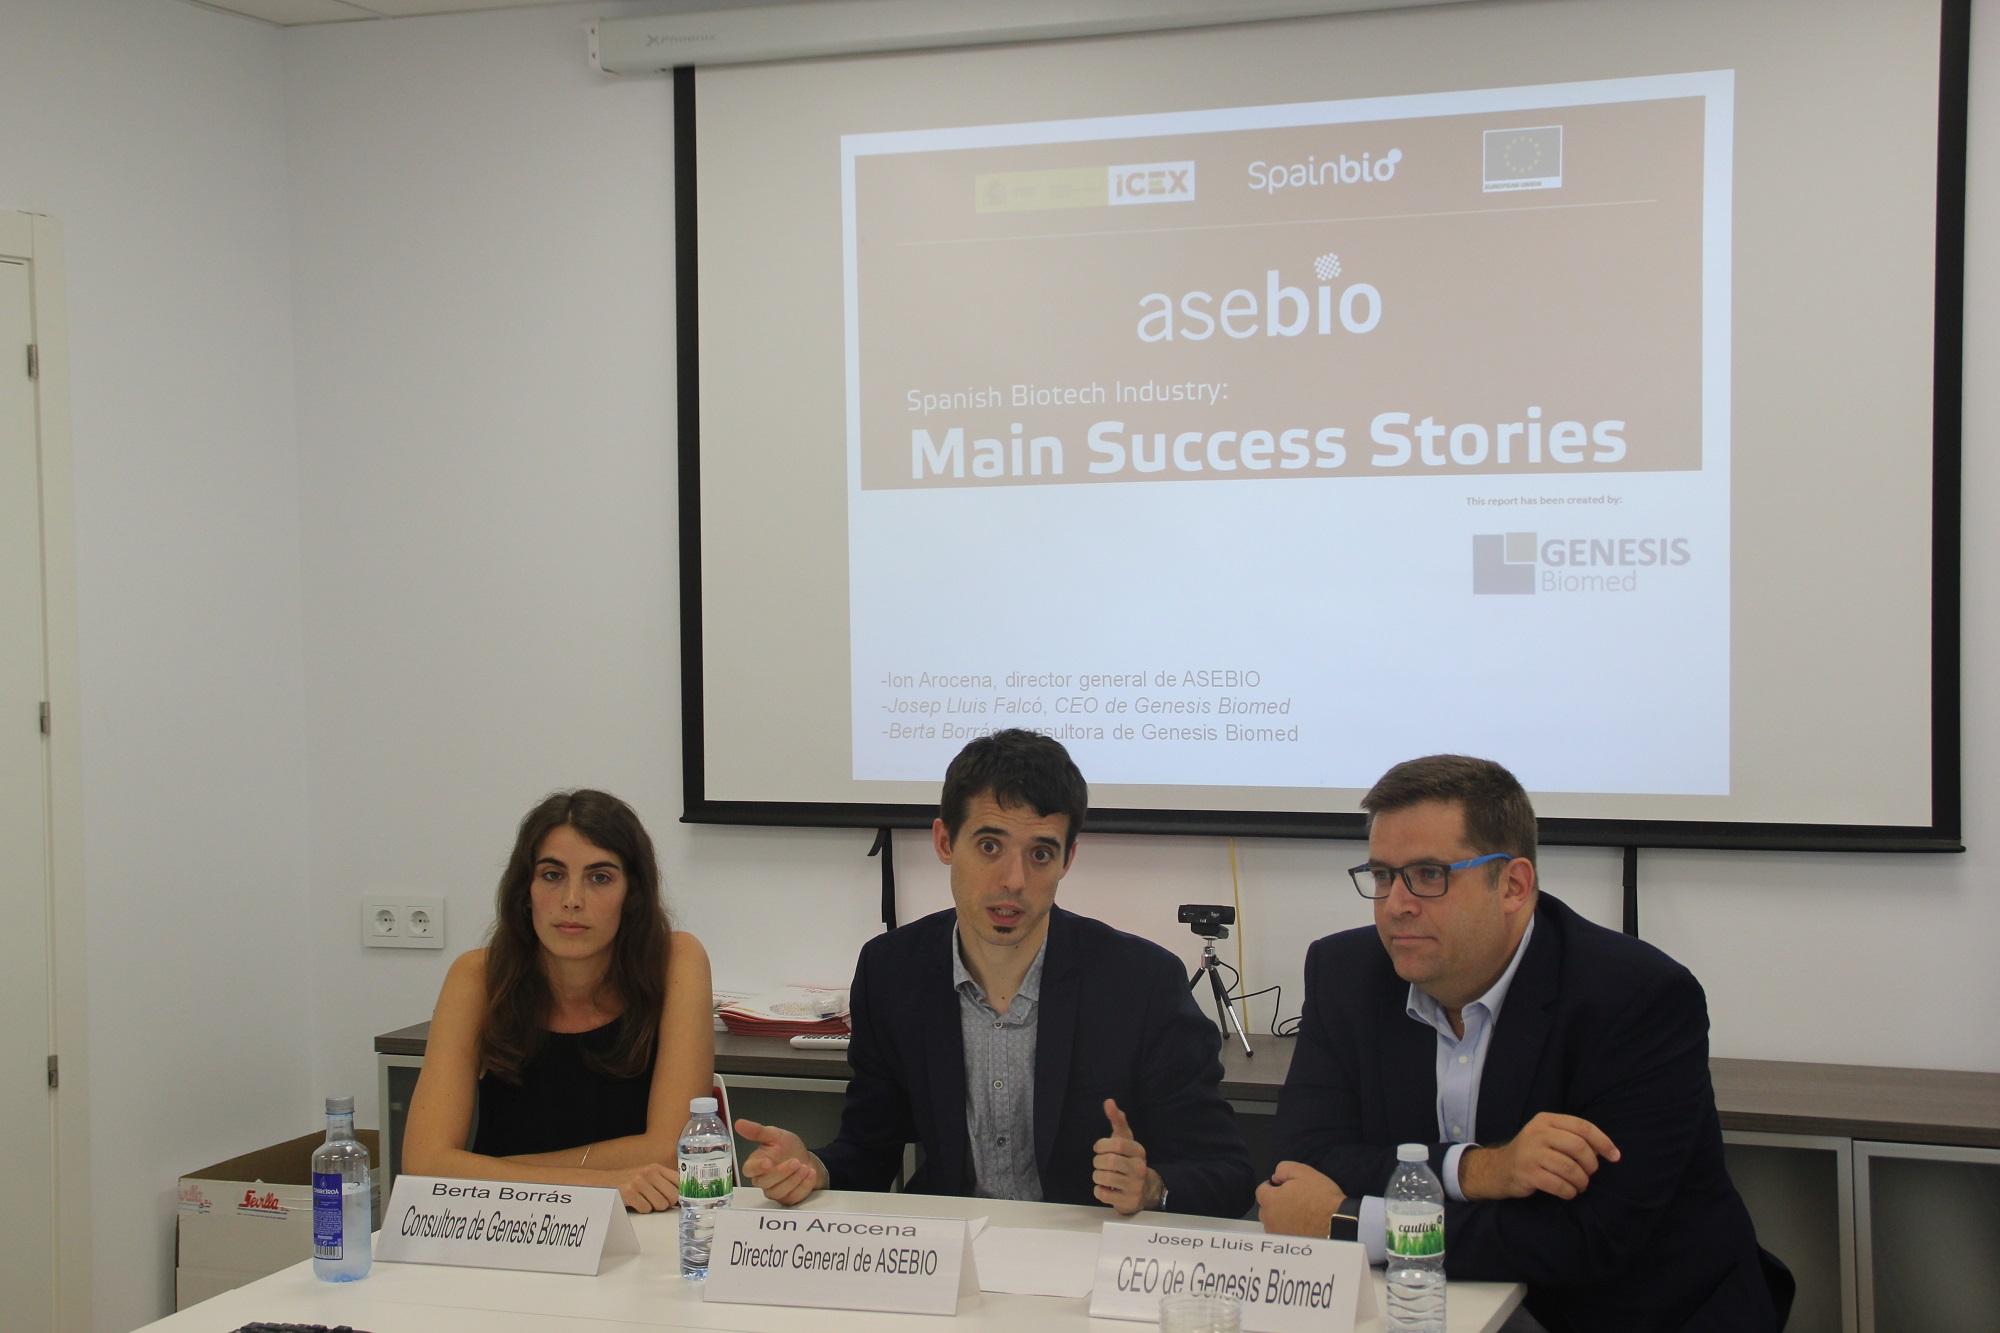 Asebio, 20 casos de éxito de la biotecnología española de los últimos 10 años